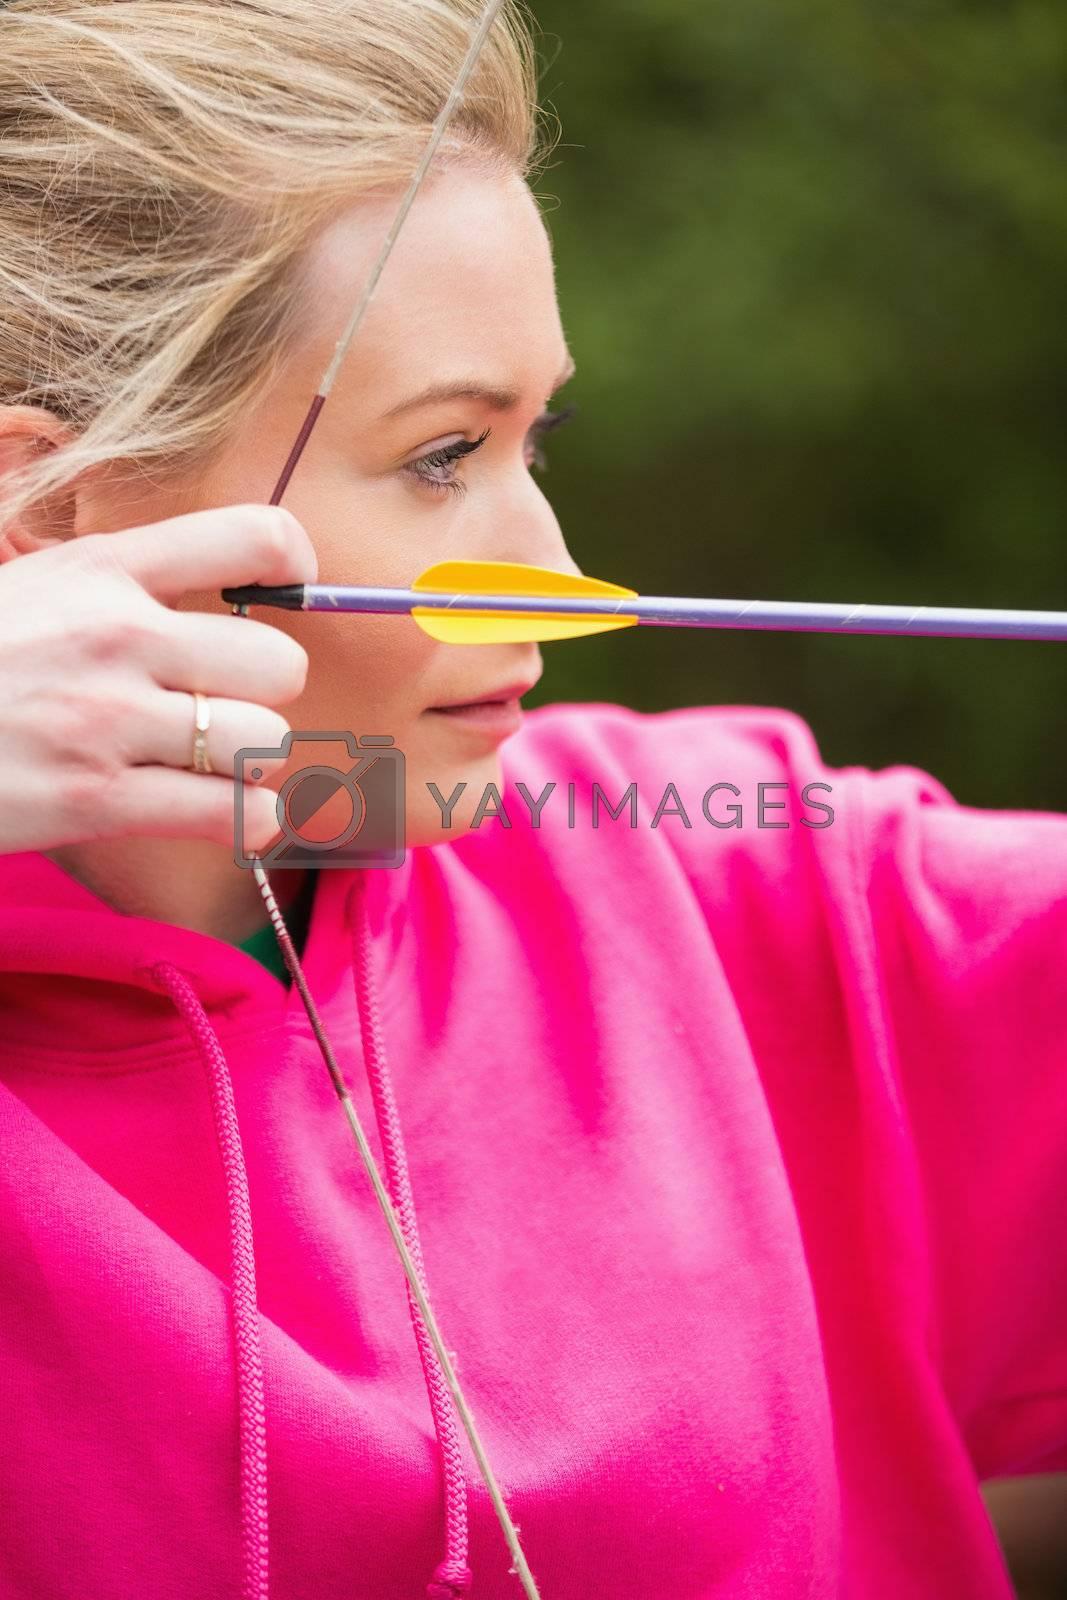 Focused blonde practicing archery by Wavebreakmedia